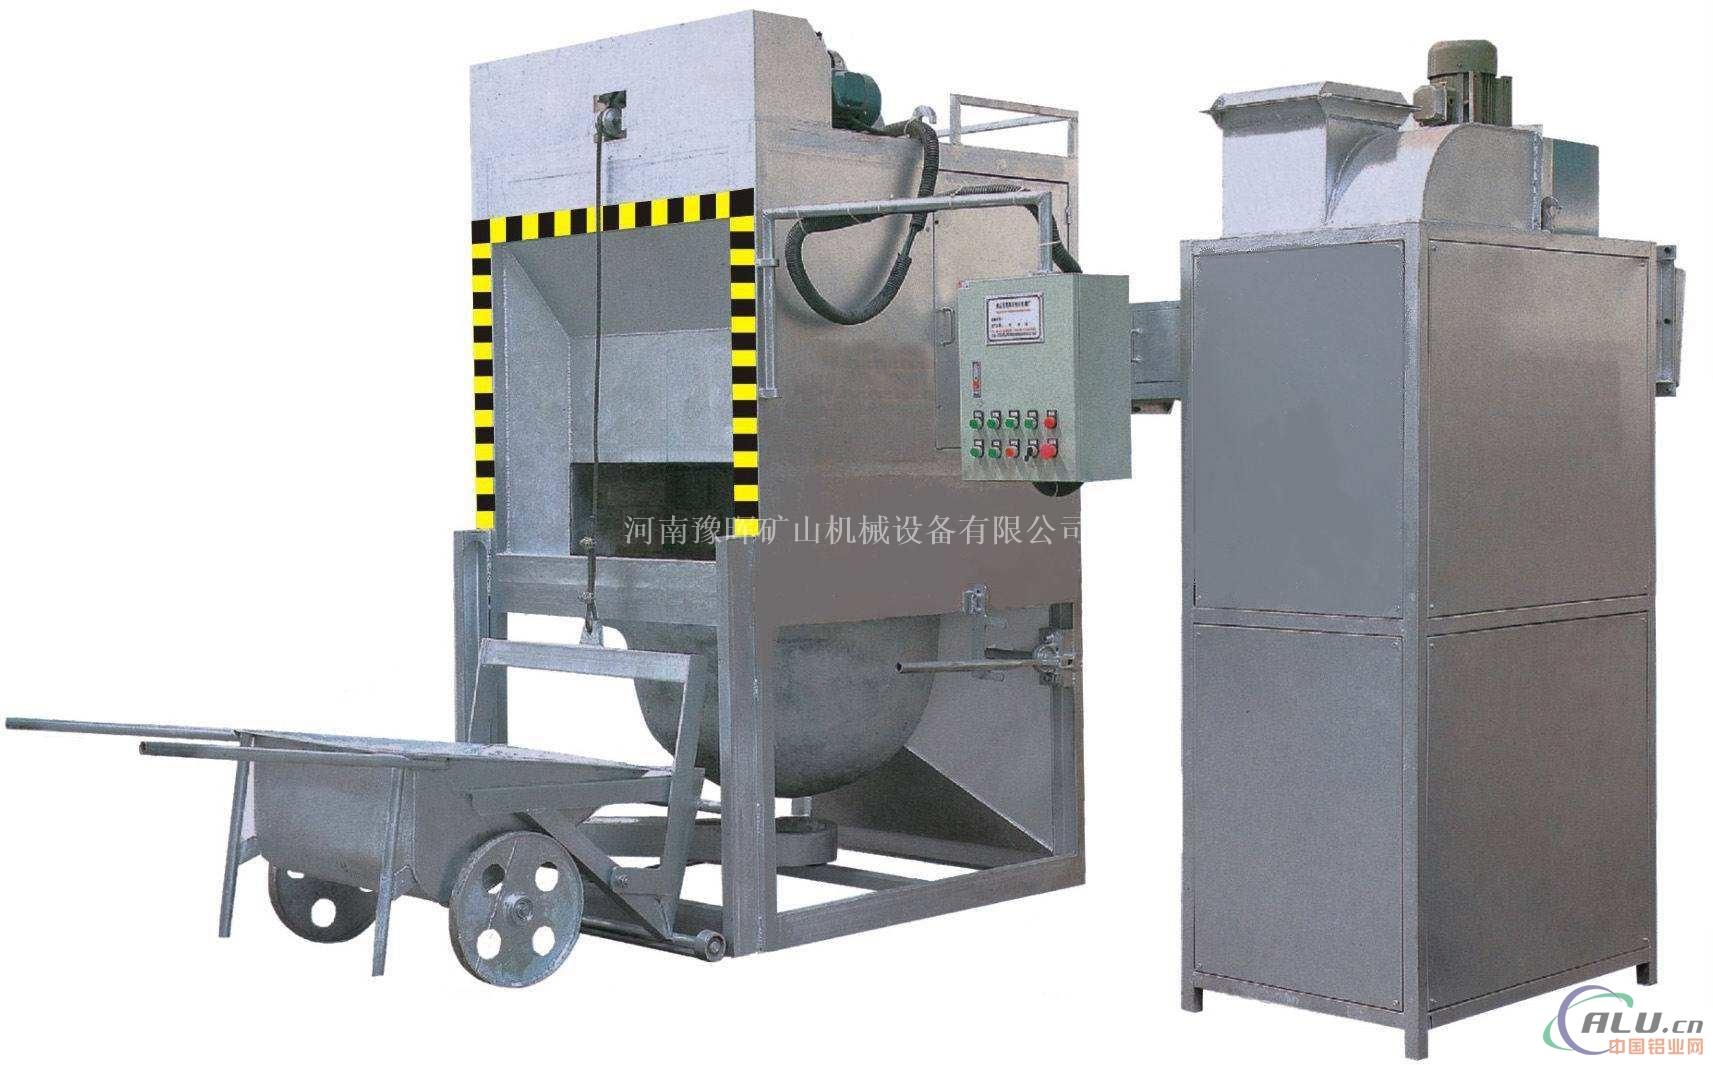 豫晖分析铝灰回收处理的必要性铝灰设备介绍